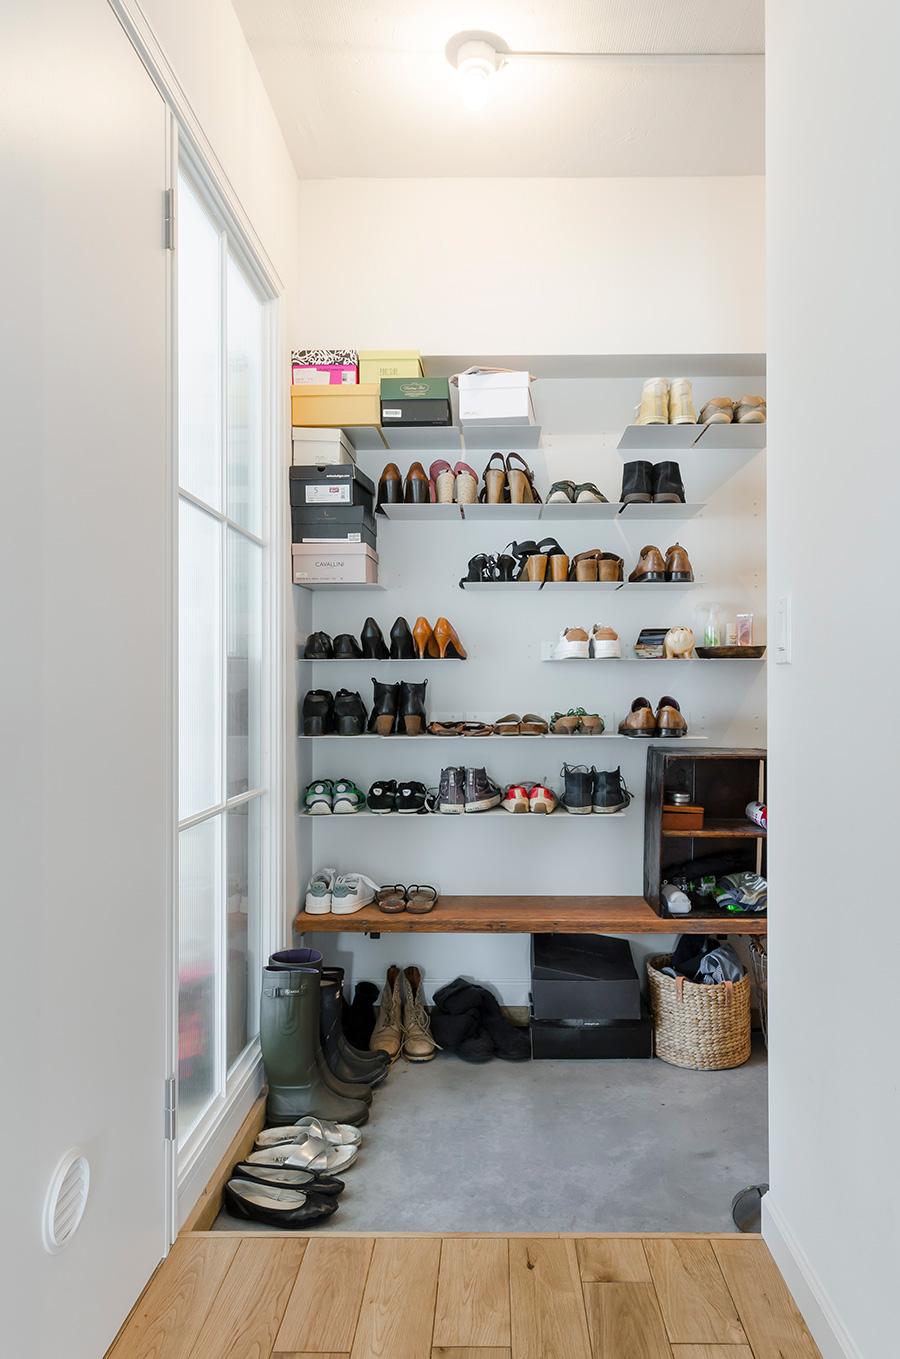 板を渡したところに靴を収納し、広さのある玄関を実現。